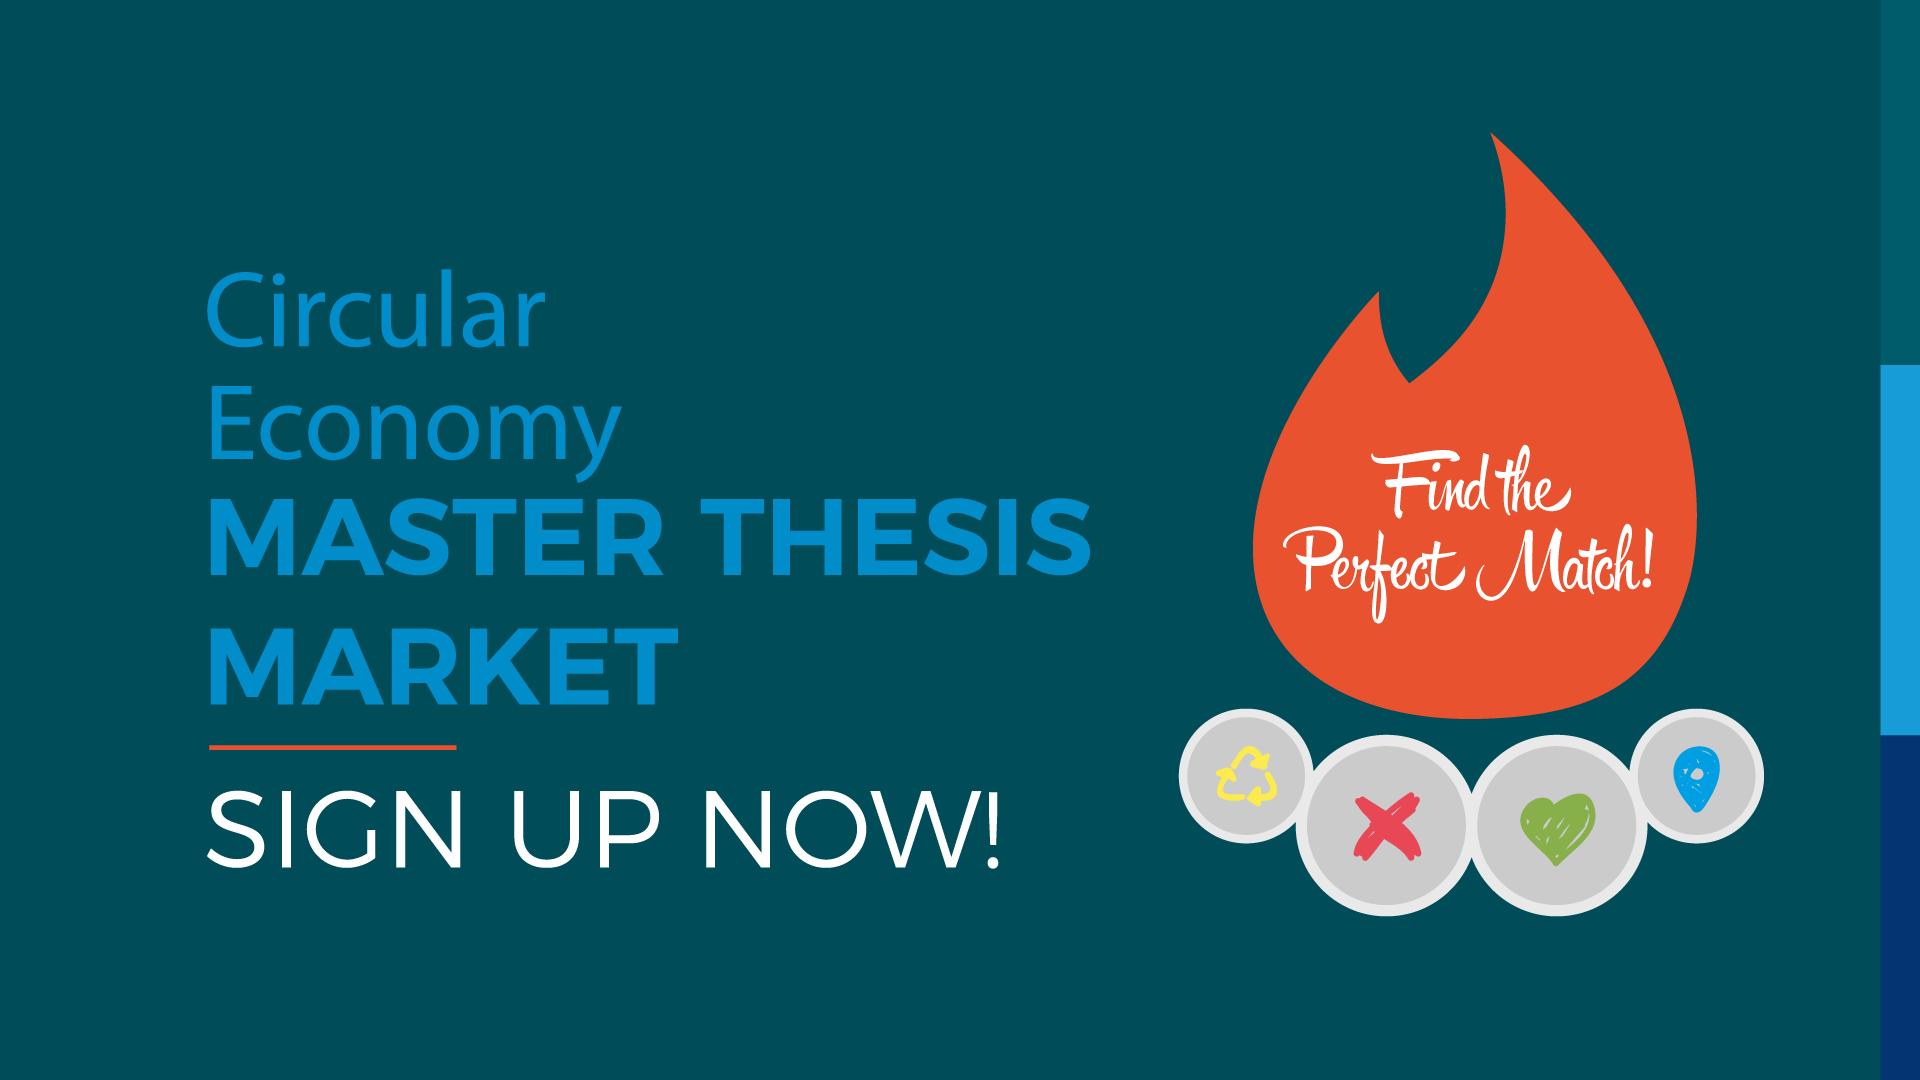 Master thesis theme marketing